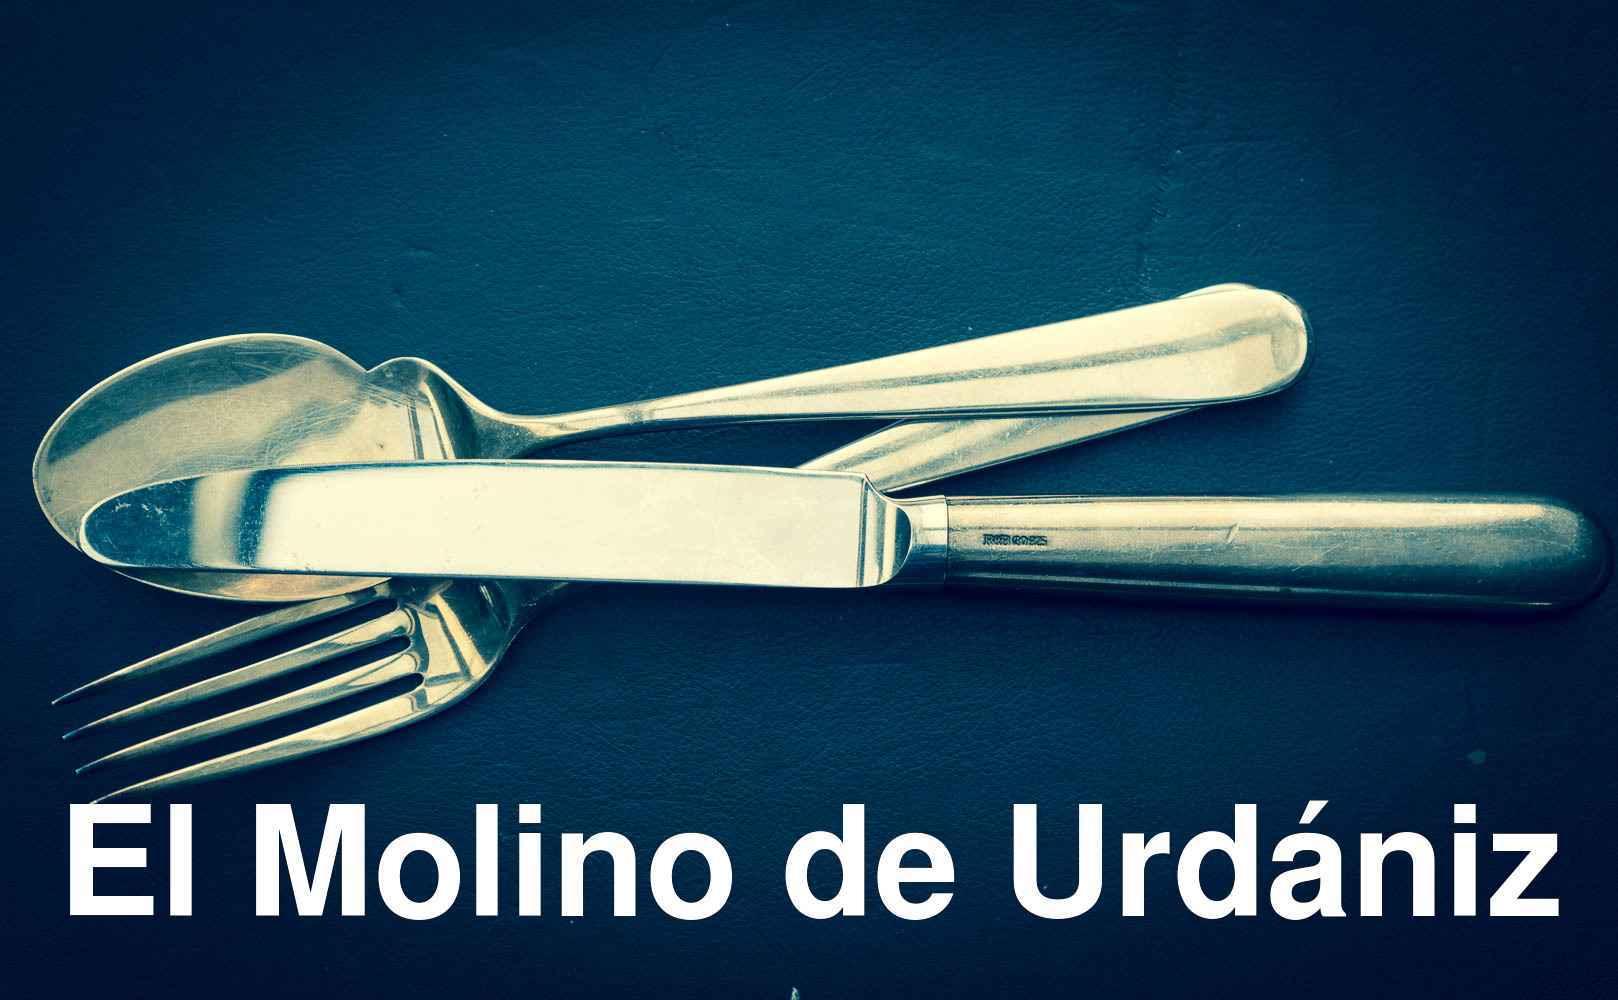 Restaurantkritik: El Molino de Urdániz in Urdániz, Spanien,